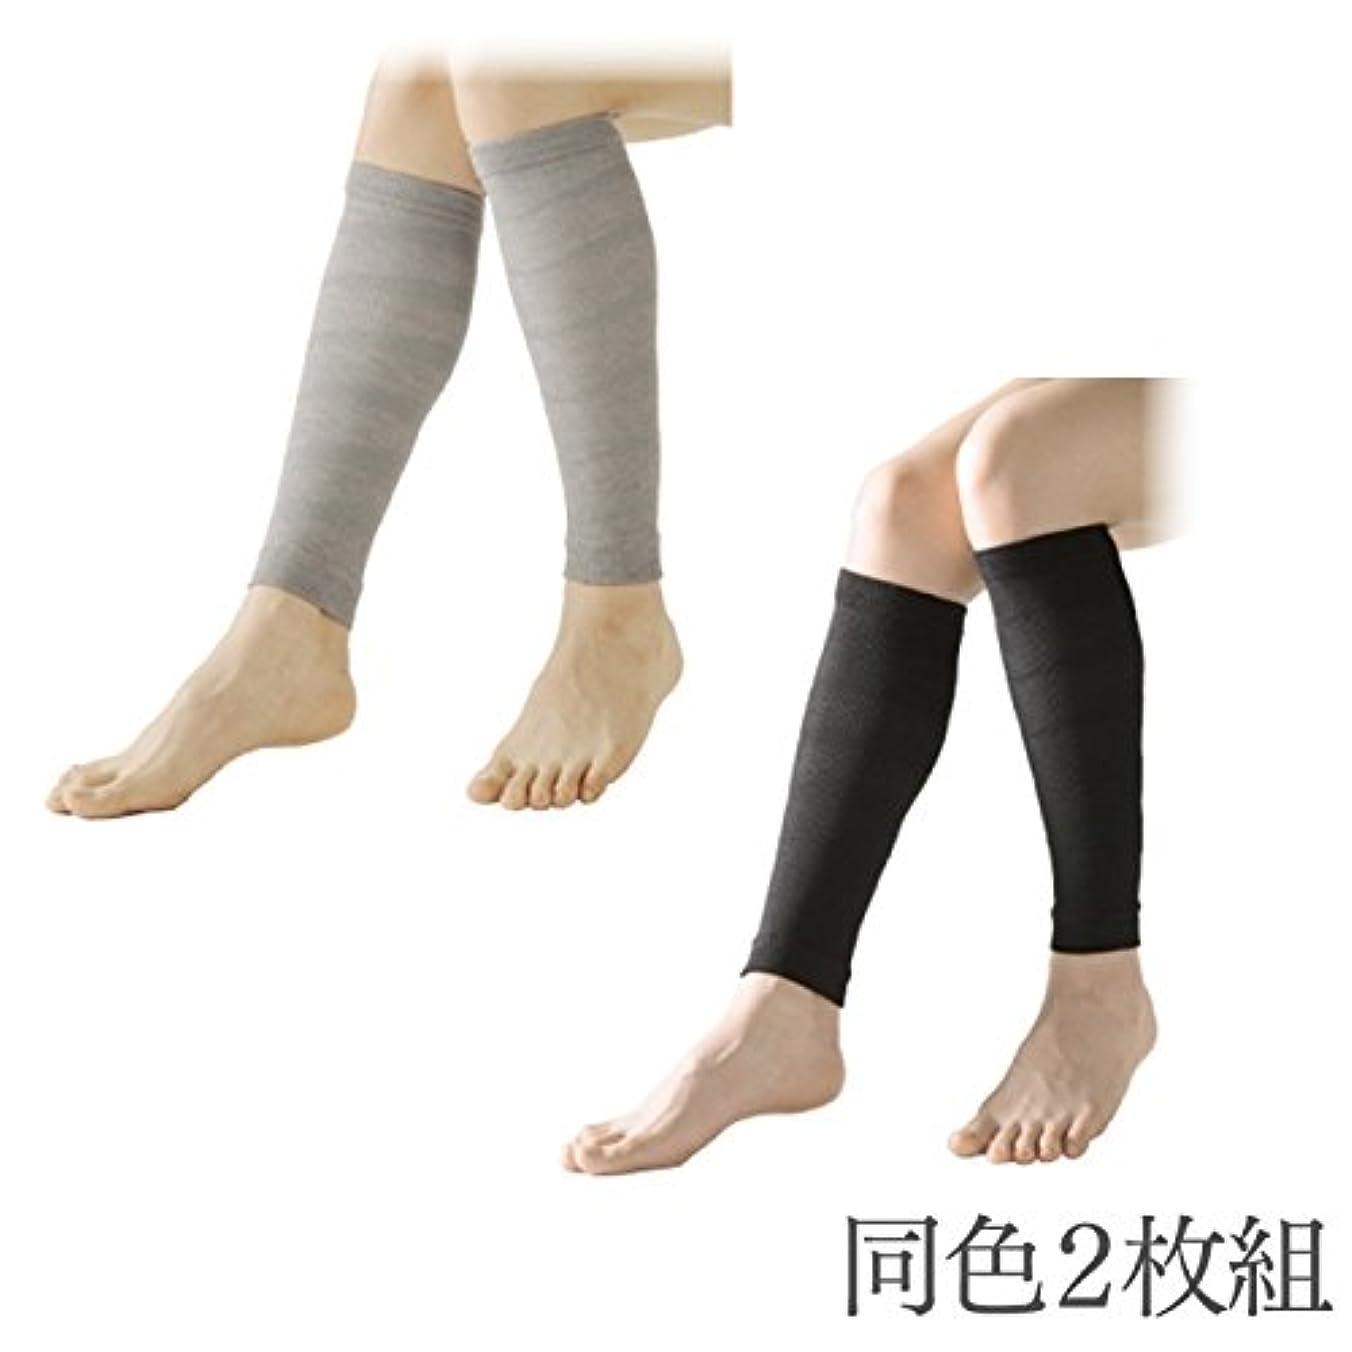 抑制する進むプランター着圧ソックス 足のむくみ 靴下 むくみ解消 着圧ふくらはぎサポーター 2枚組